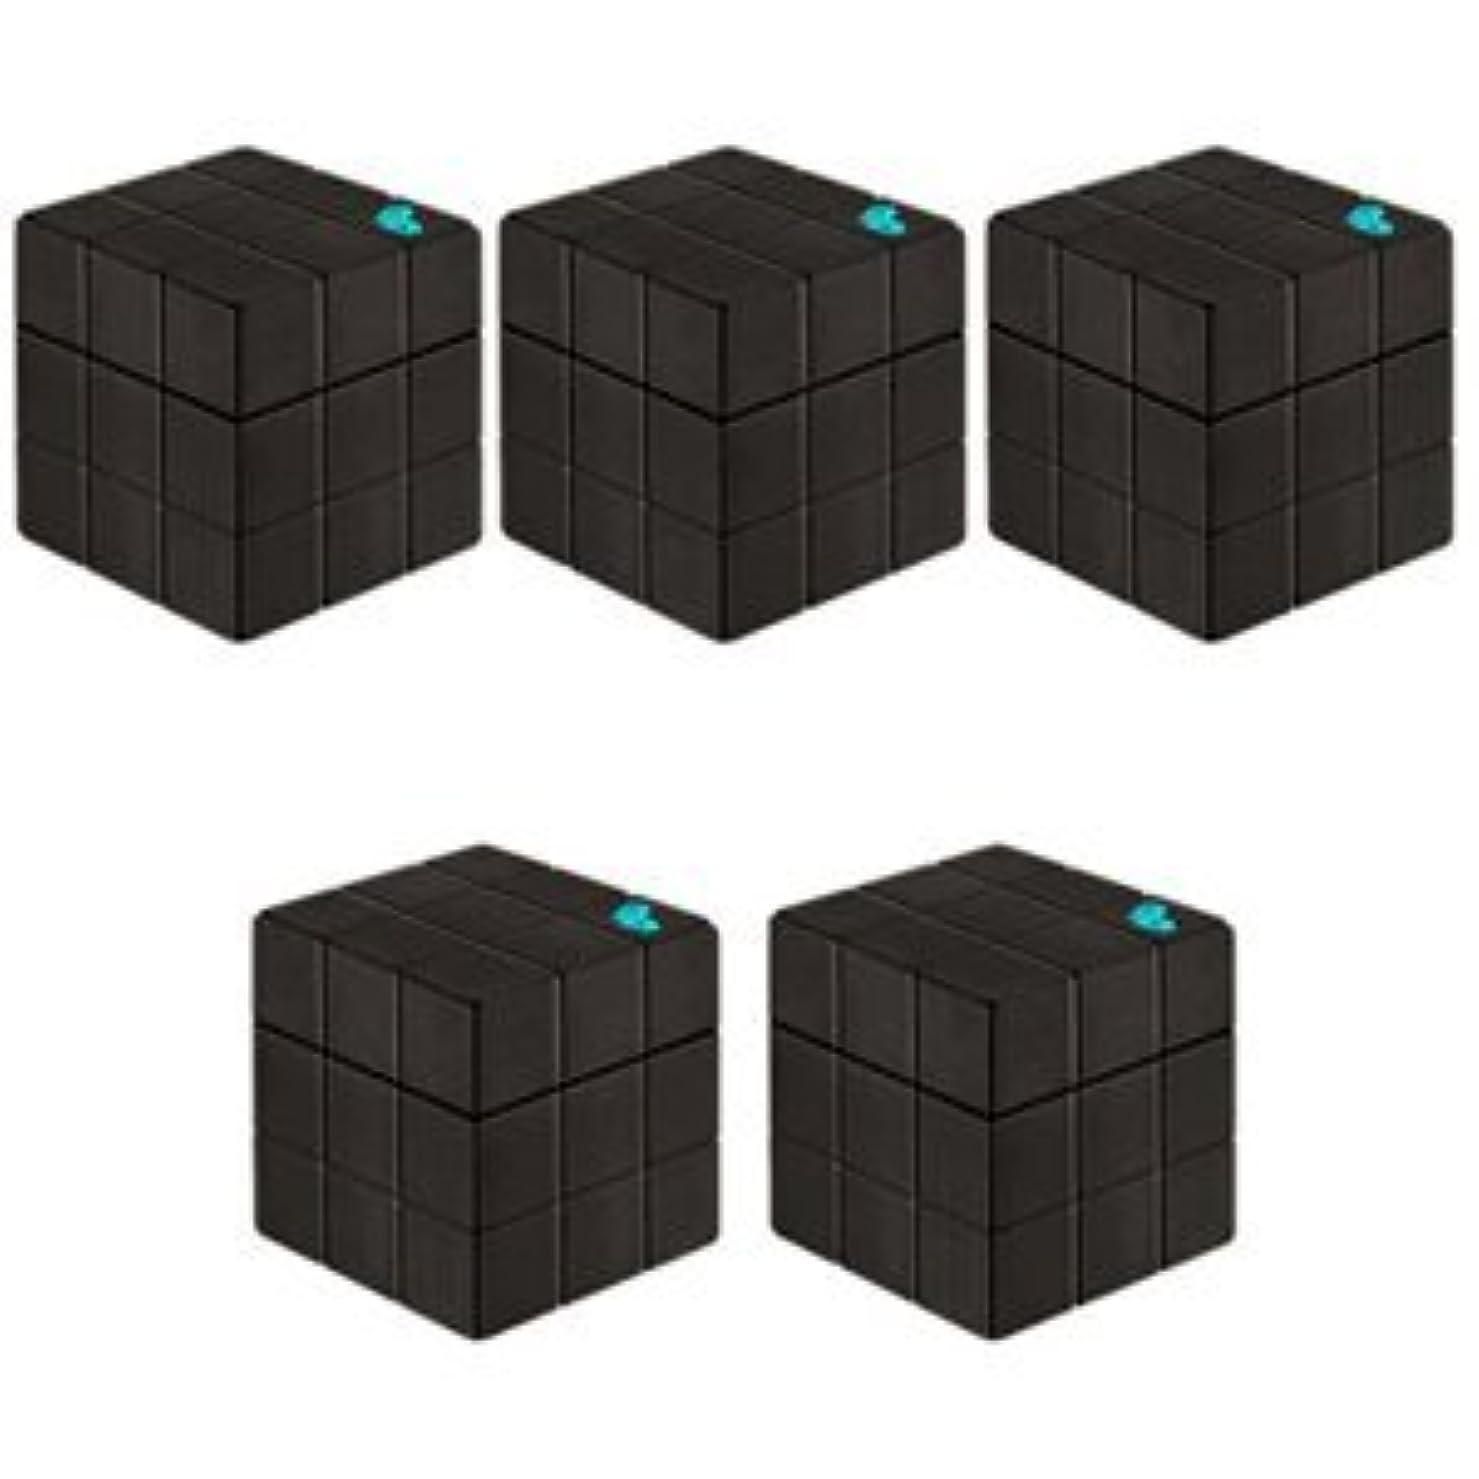 専門知識奨励します賢い【X5個セット】 アリミノ ピース プロデザインシリーズ フリーズキープワックス ブラック 80g ARIMINO